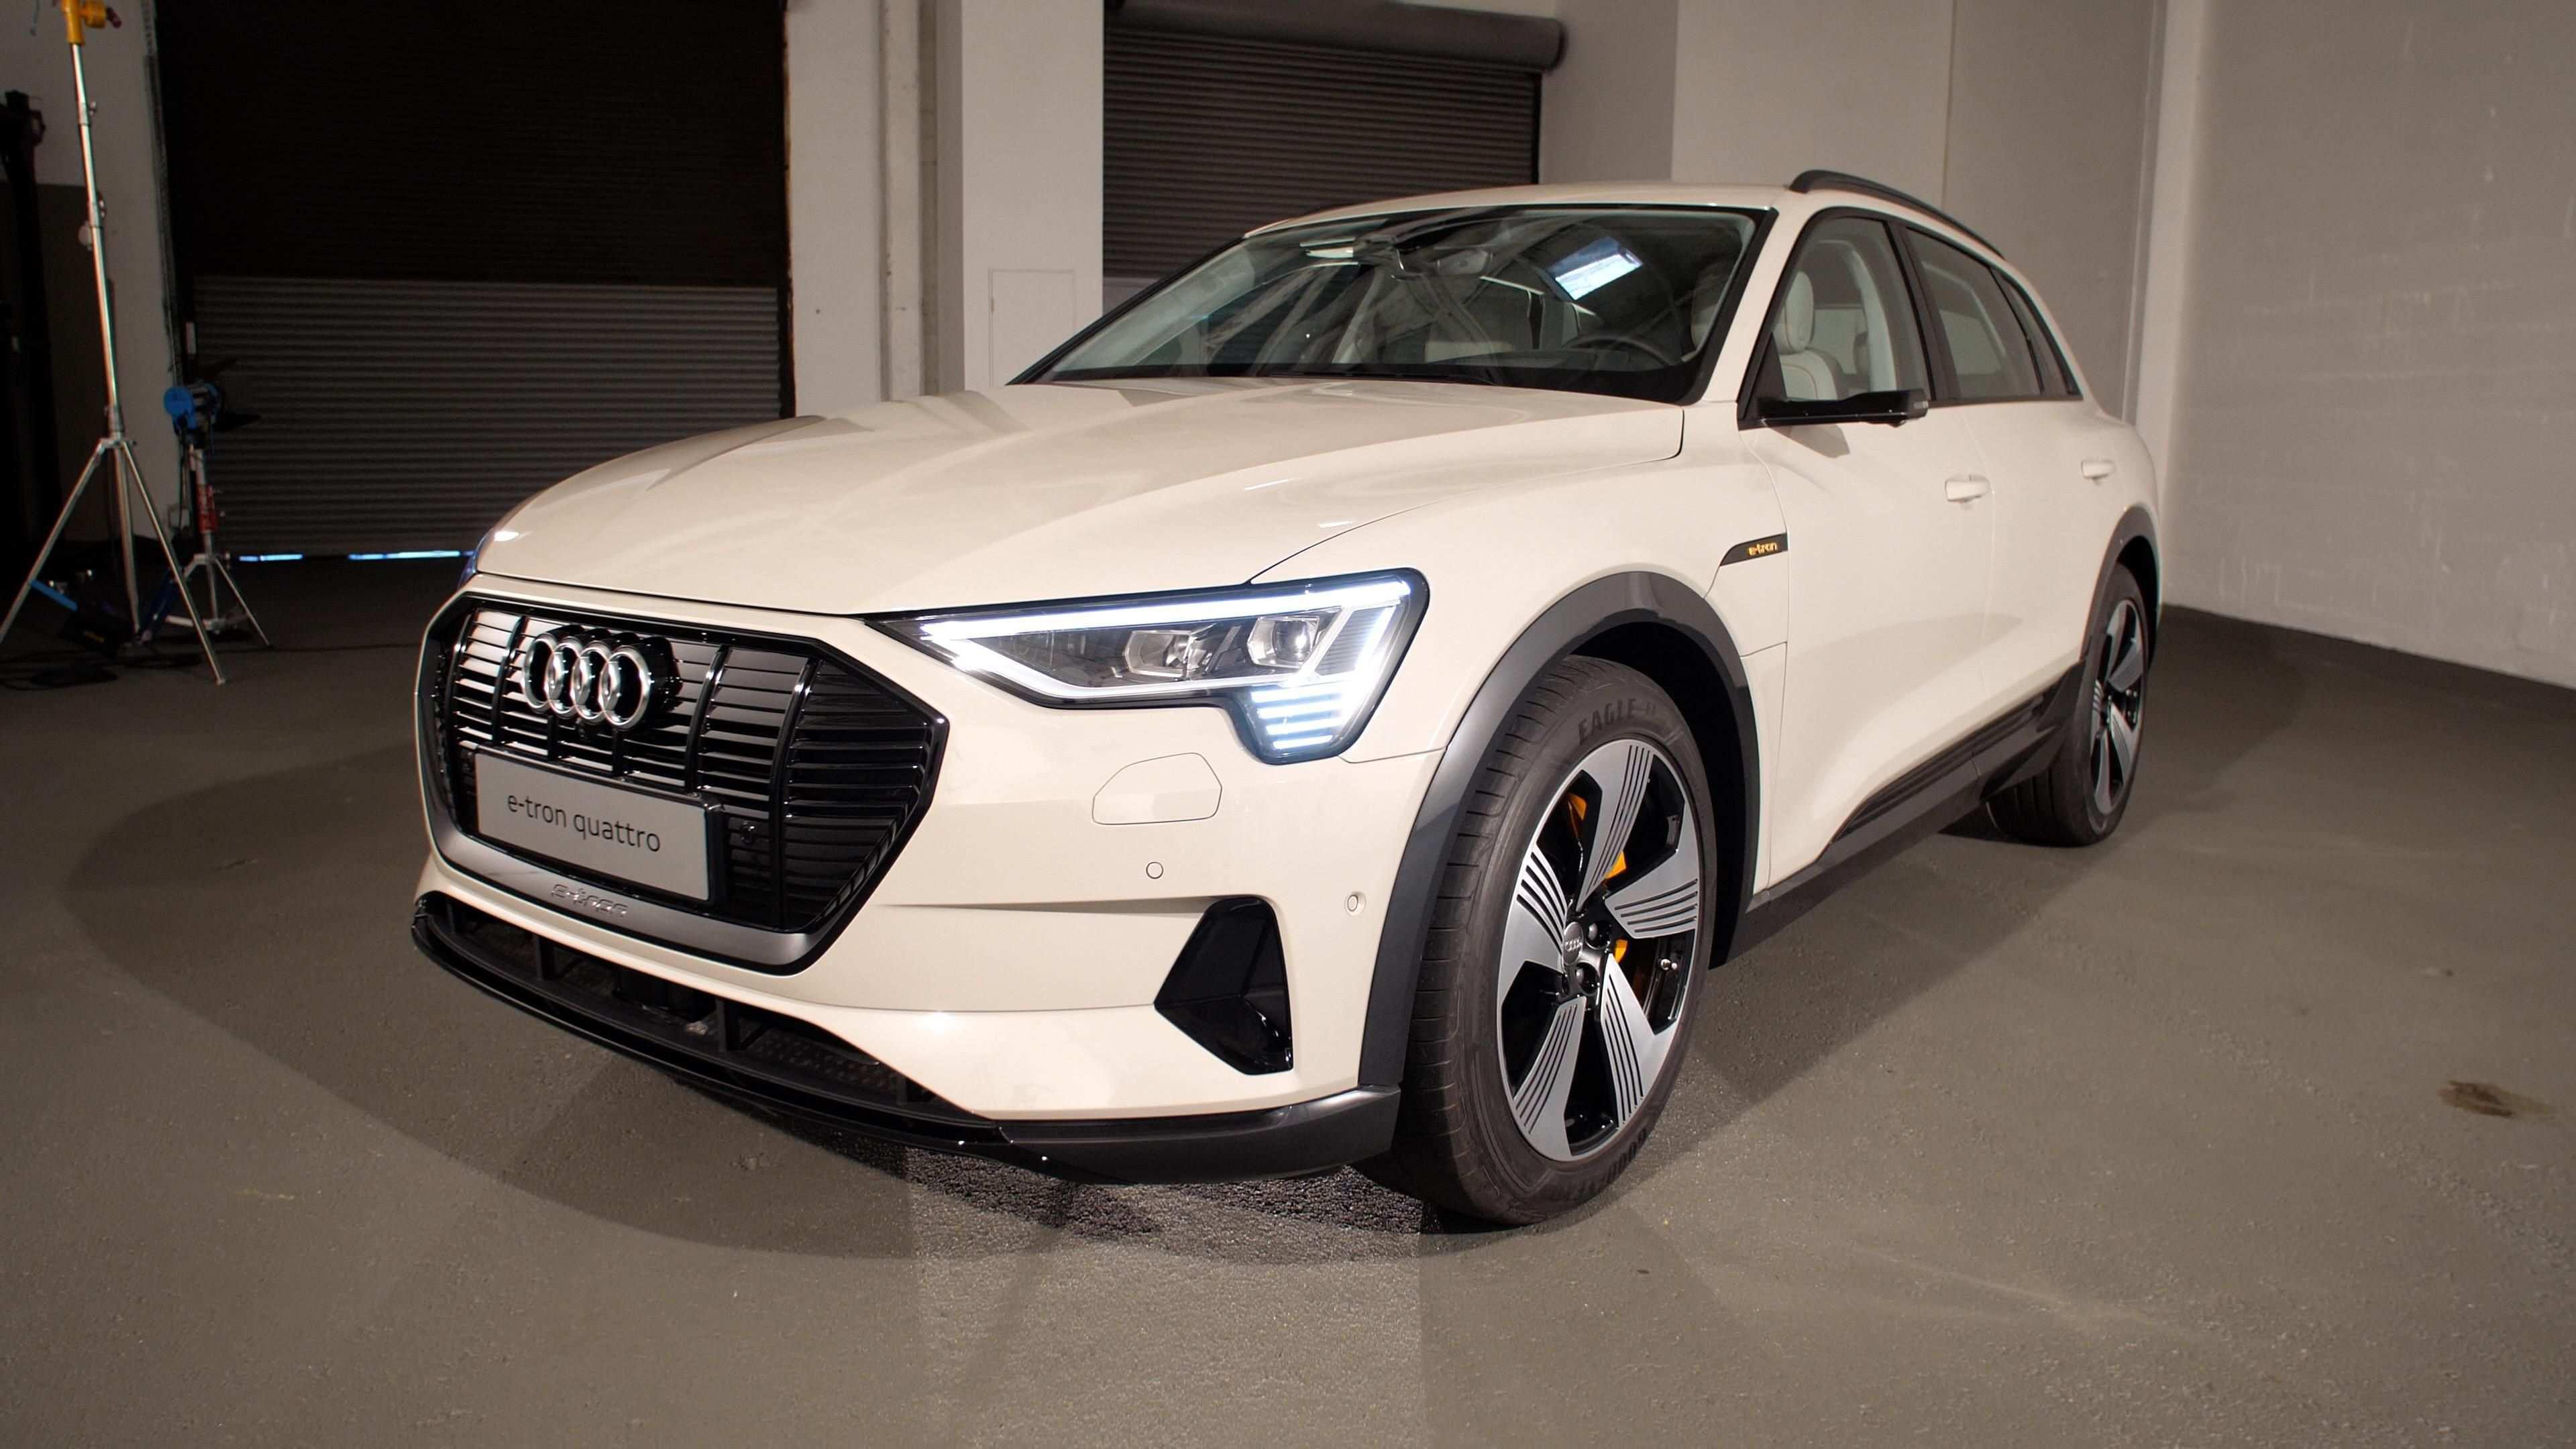 72 New 2019 Audi E Tron Quattro History for 2019 Audi E Tron Quattro